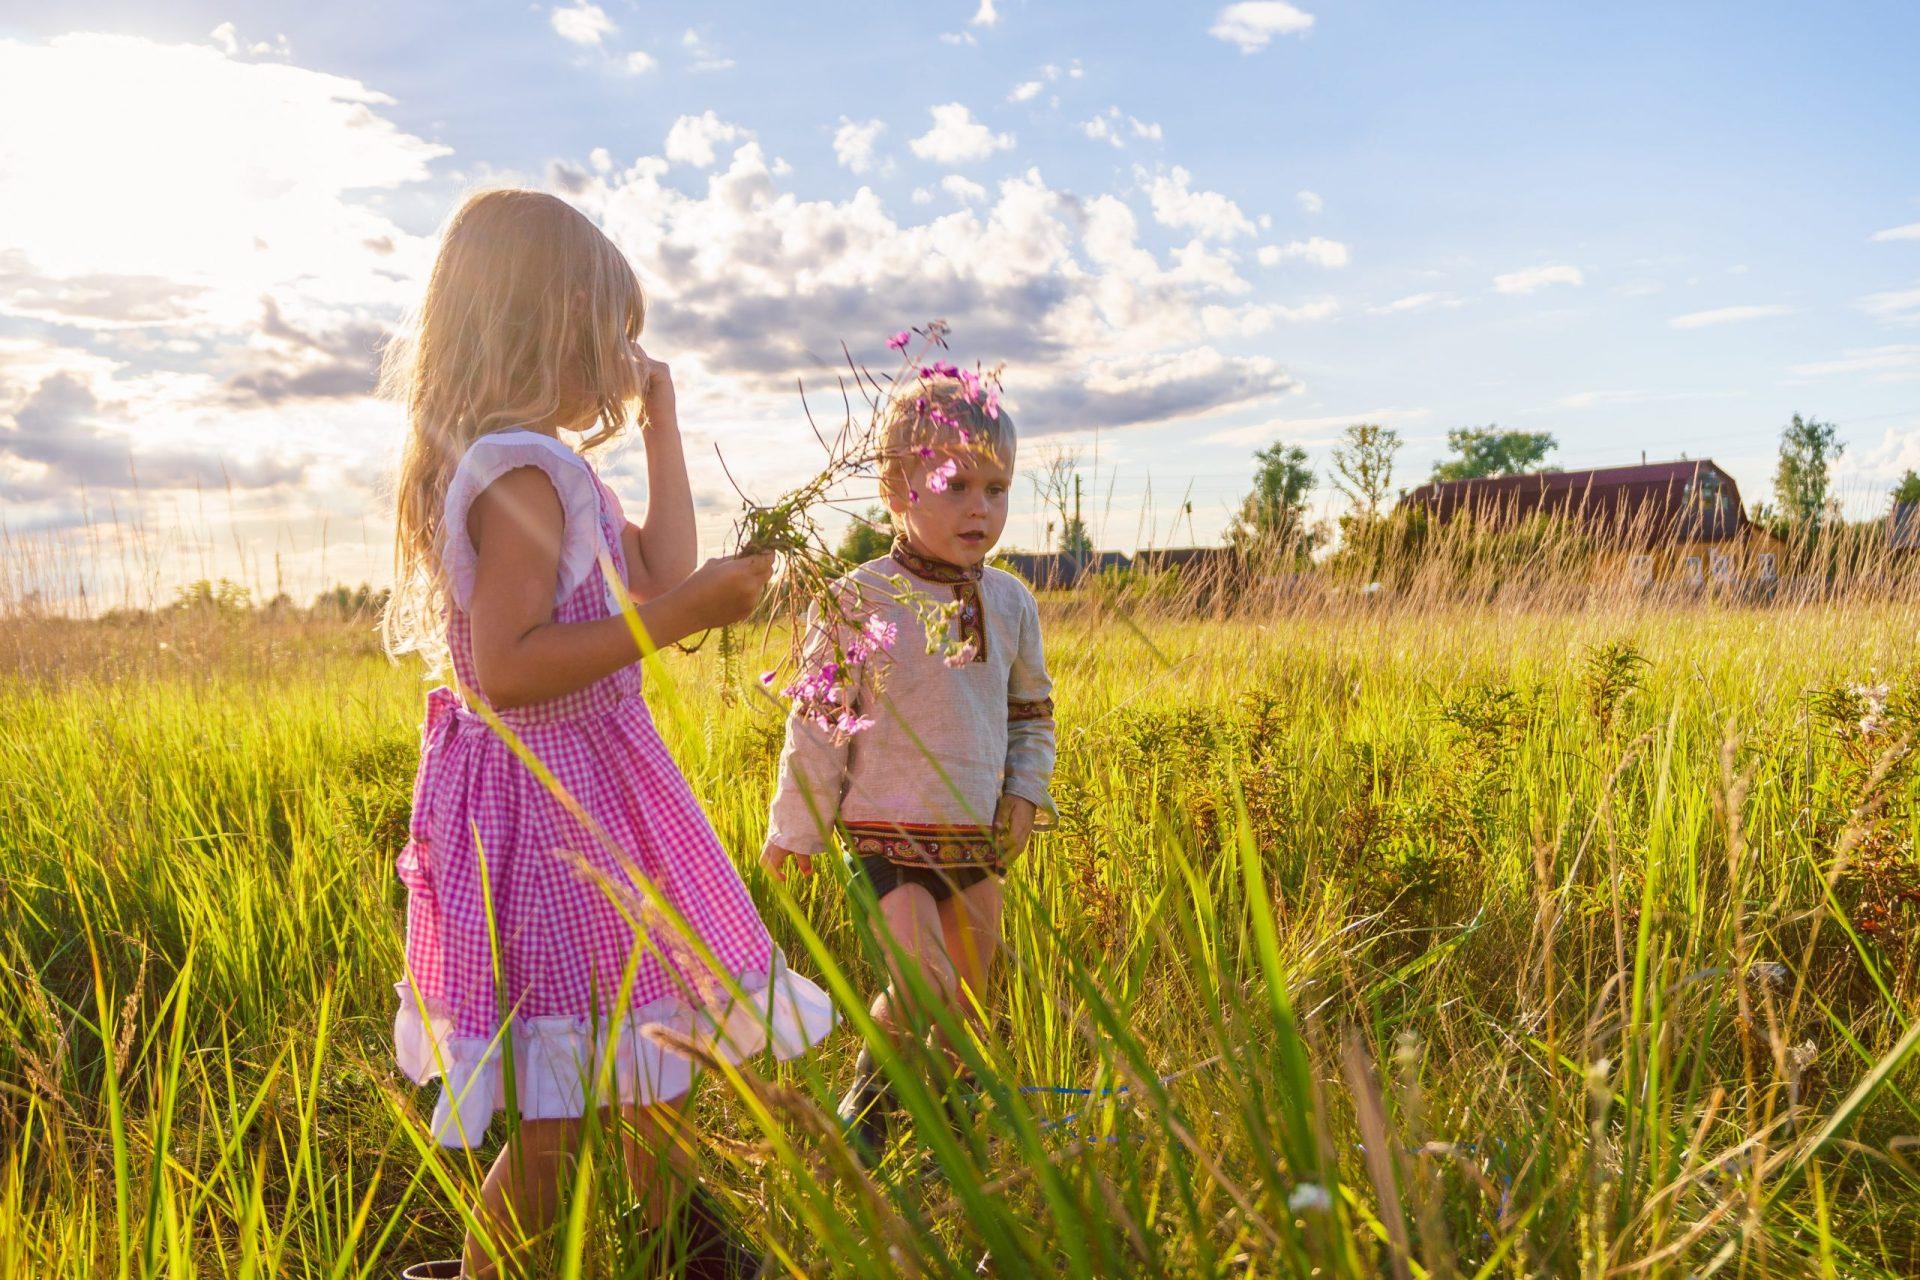 派手可愛い♡子供服ブランド人気15選!センス抜群のおすすめアイテムを厳選紹介! アイキャッチ画像